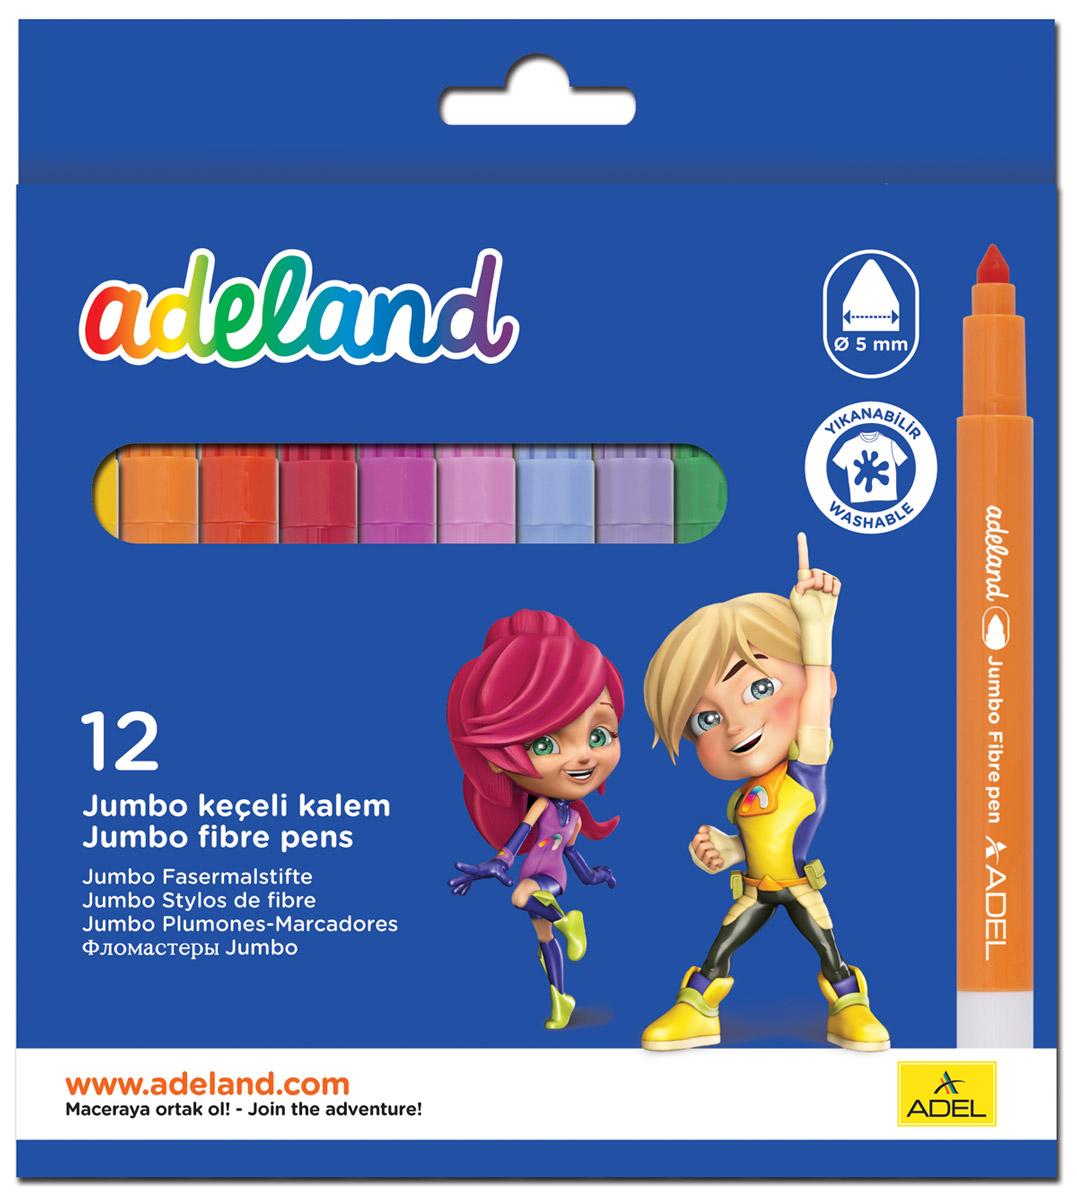 Adel Набор цветных фломастеров Adeland Jumbo 12 штFS-36052Цветные фломастеры Adel Adeland созданы специально для детей, любящих рисовать. Каждый фломастер оснащен вентилируемым колпачком и заправлен быстро сохнущими чернилами, которые легко смываются со многих текстильных материалов. Они прекрасно подходят для рисования, письма или раскрашивания на бумаге или картоне. Набор состоит из 12 фломастеров.Коробка оформлена изображением героев Adelia и Hiro из турецкого мультфильма Renk Koruyuculari.Не рекомендуется детям до 3-х лет.